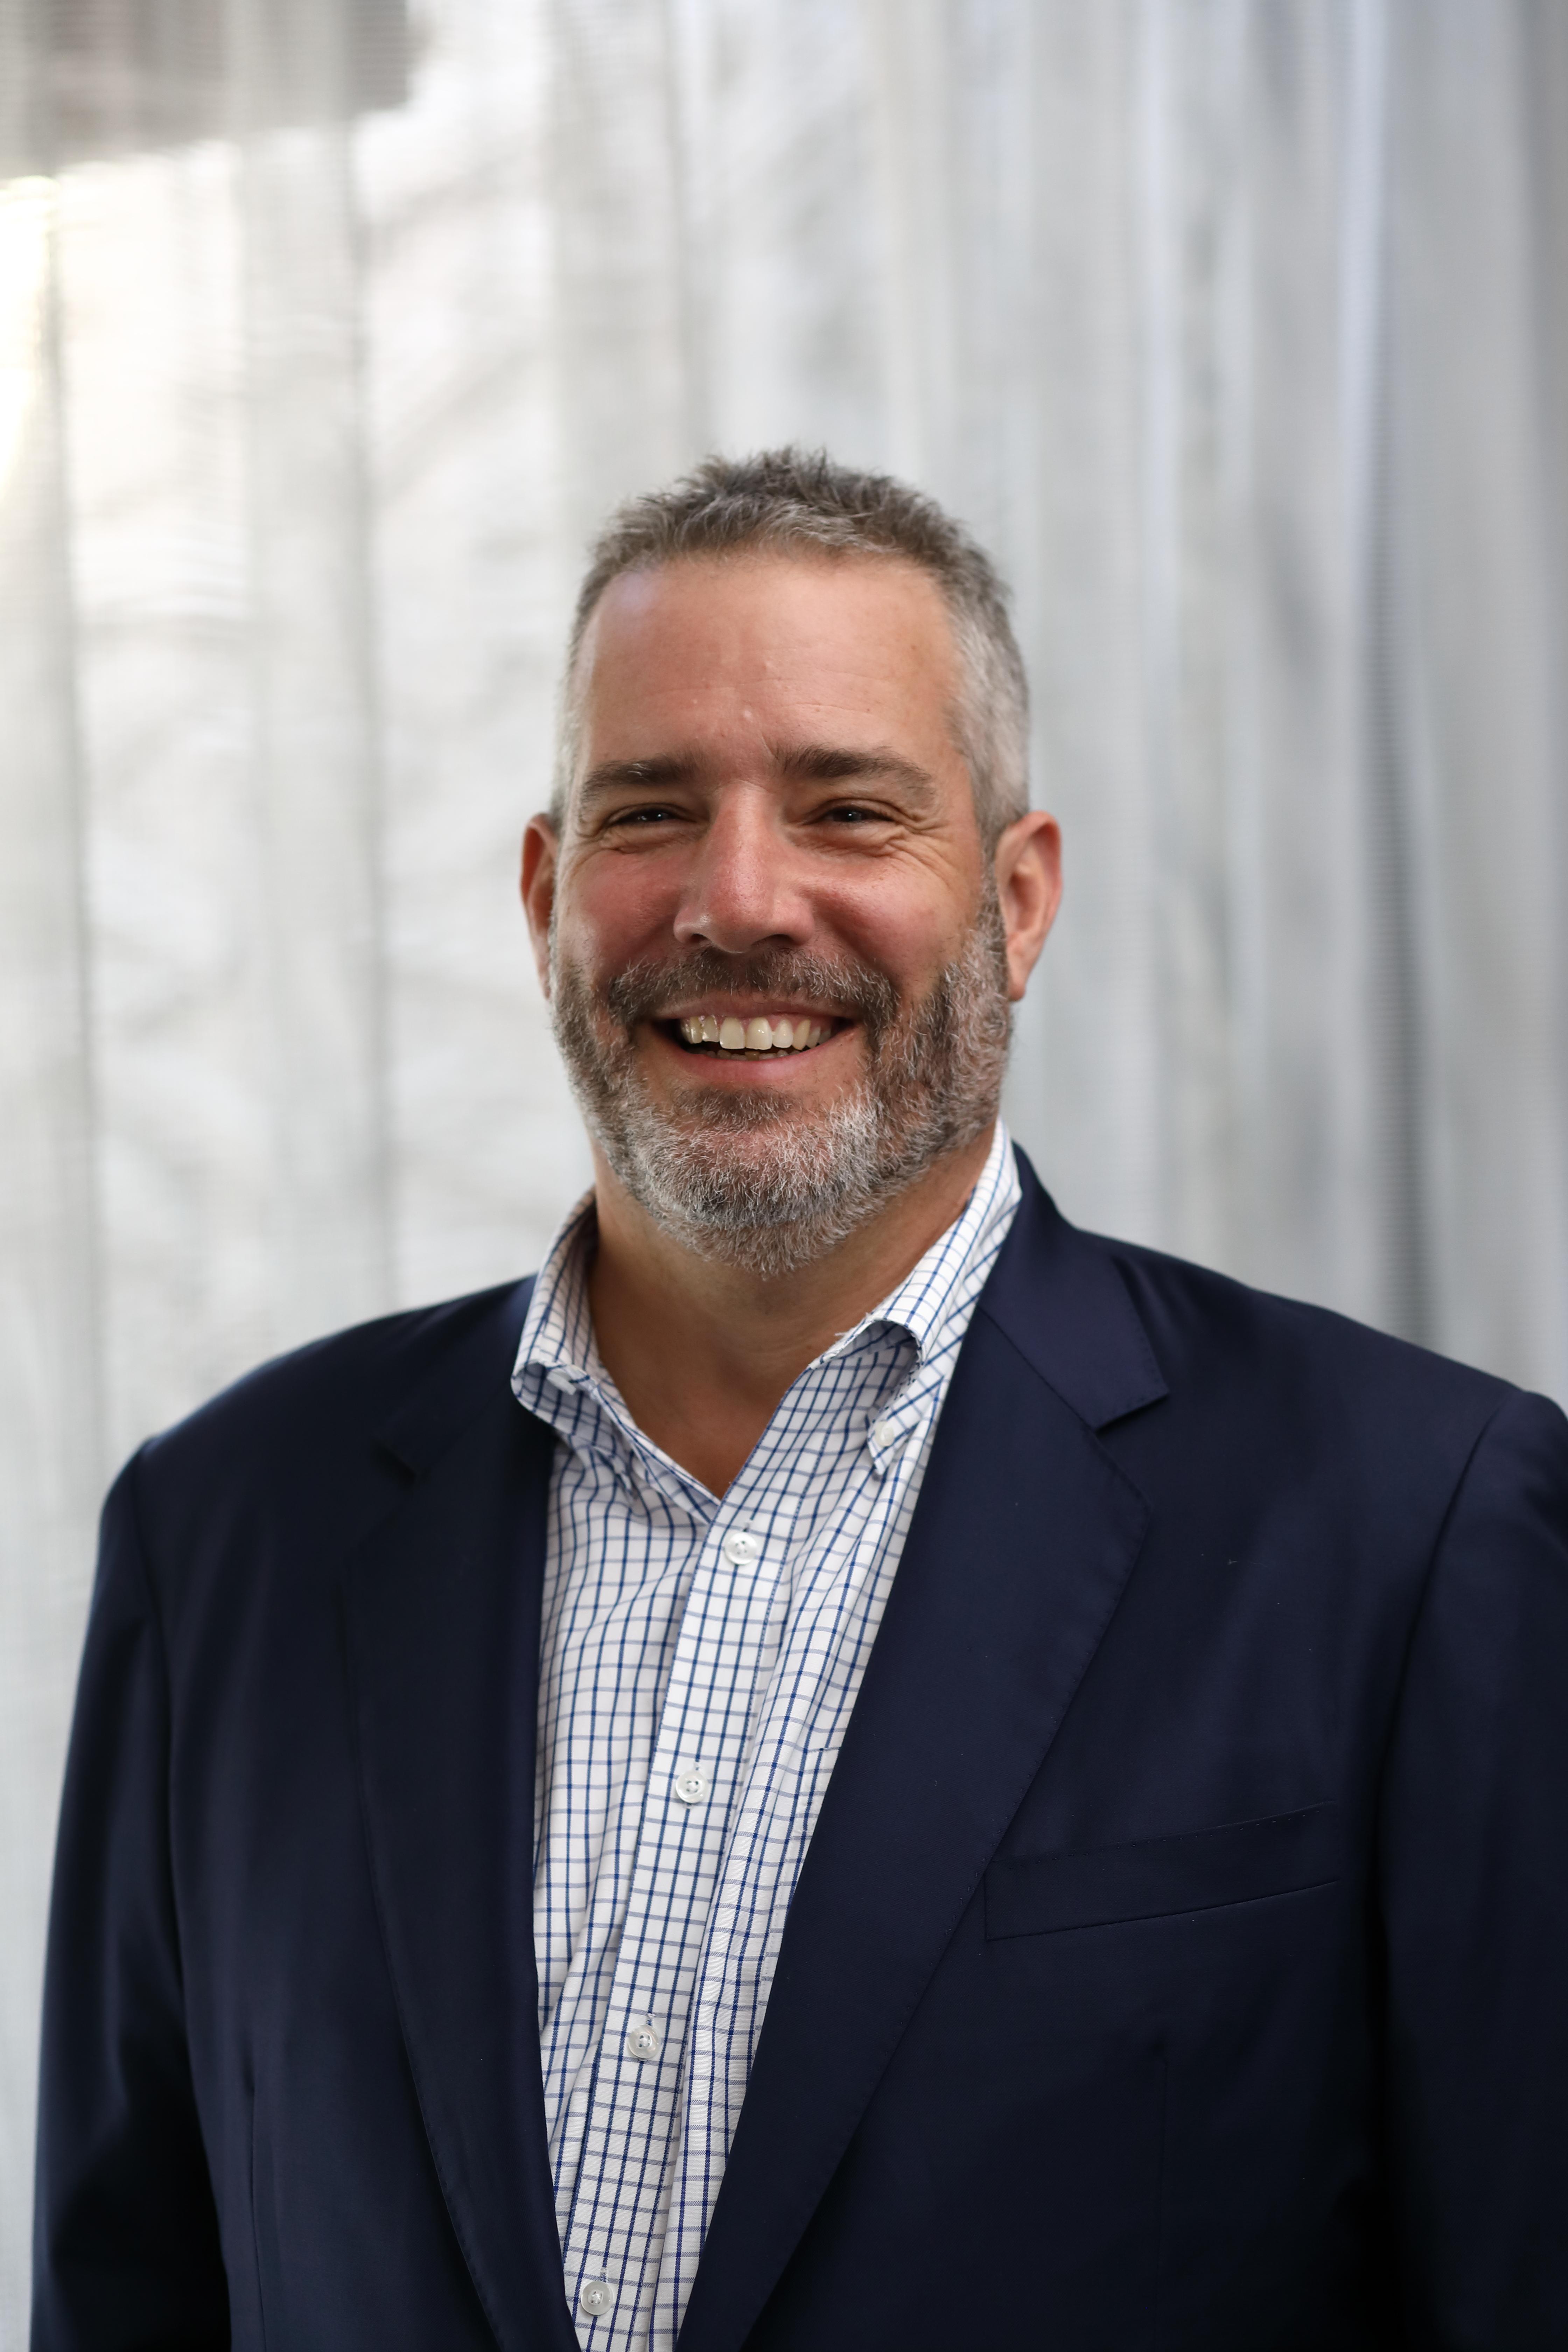 Jim Cavan, CEO & President of Backpack Health